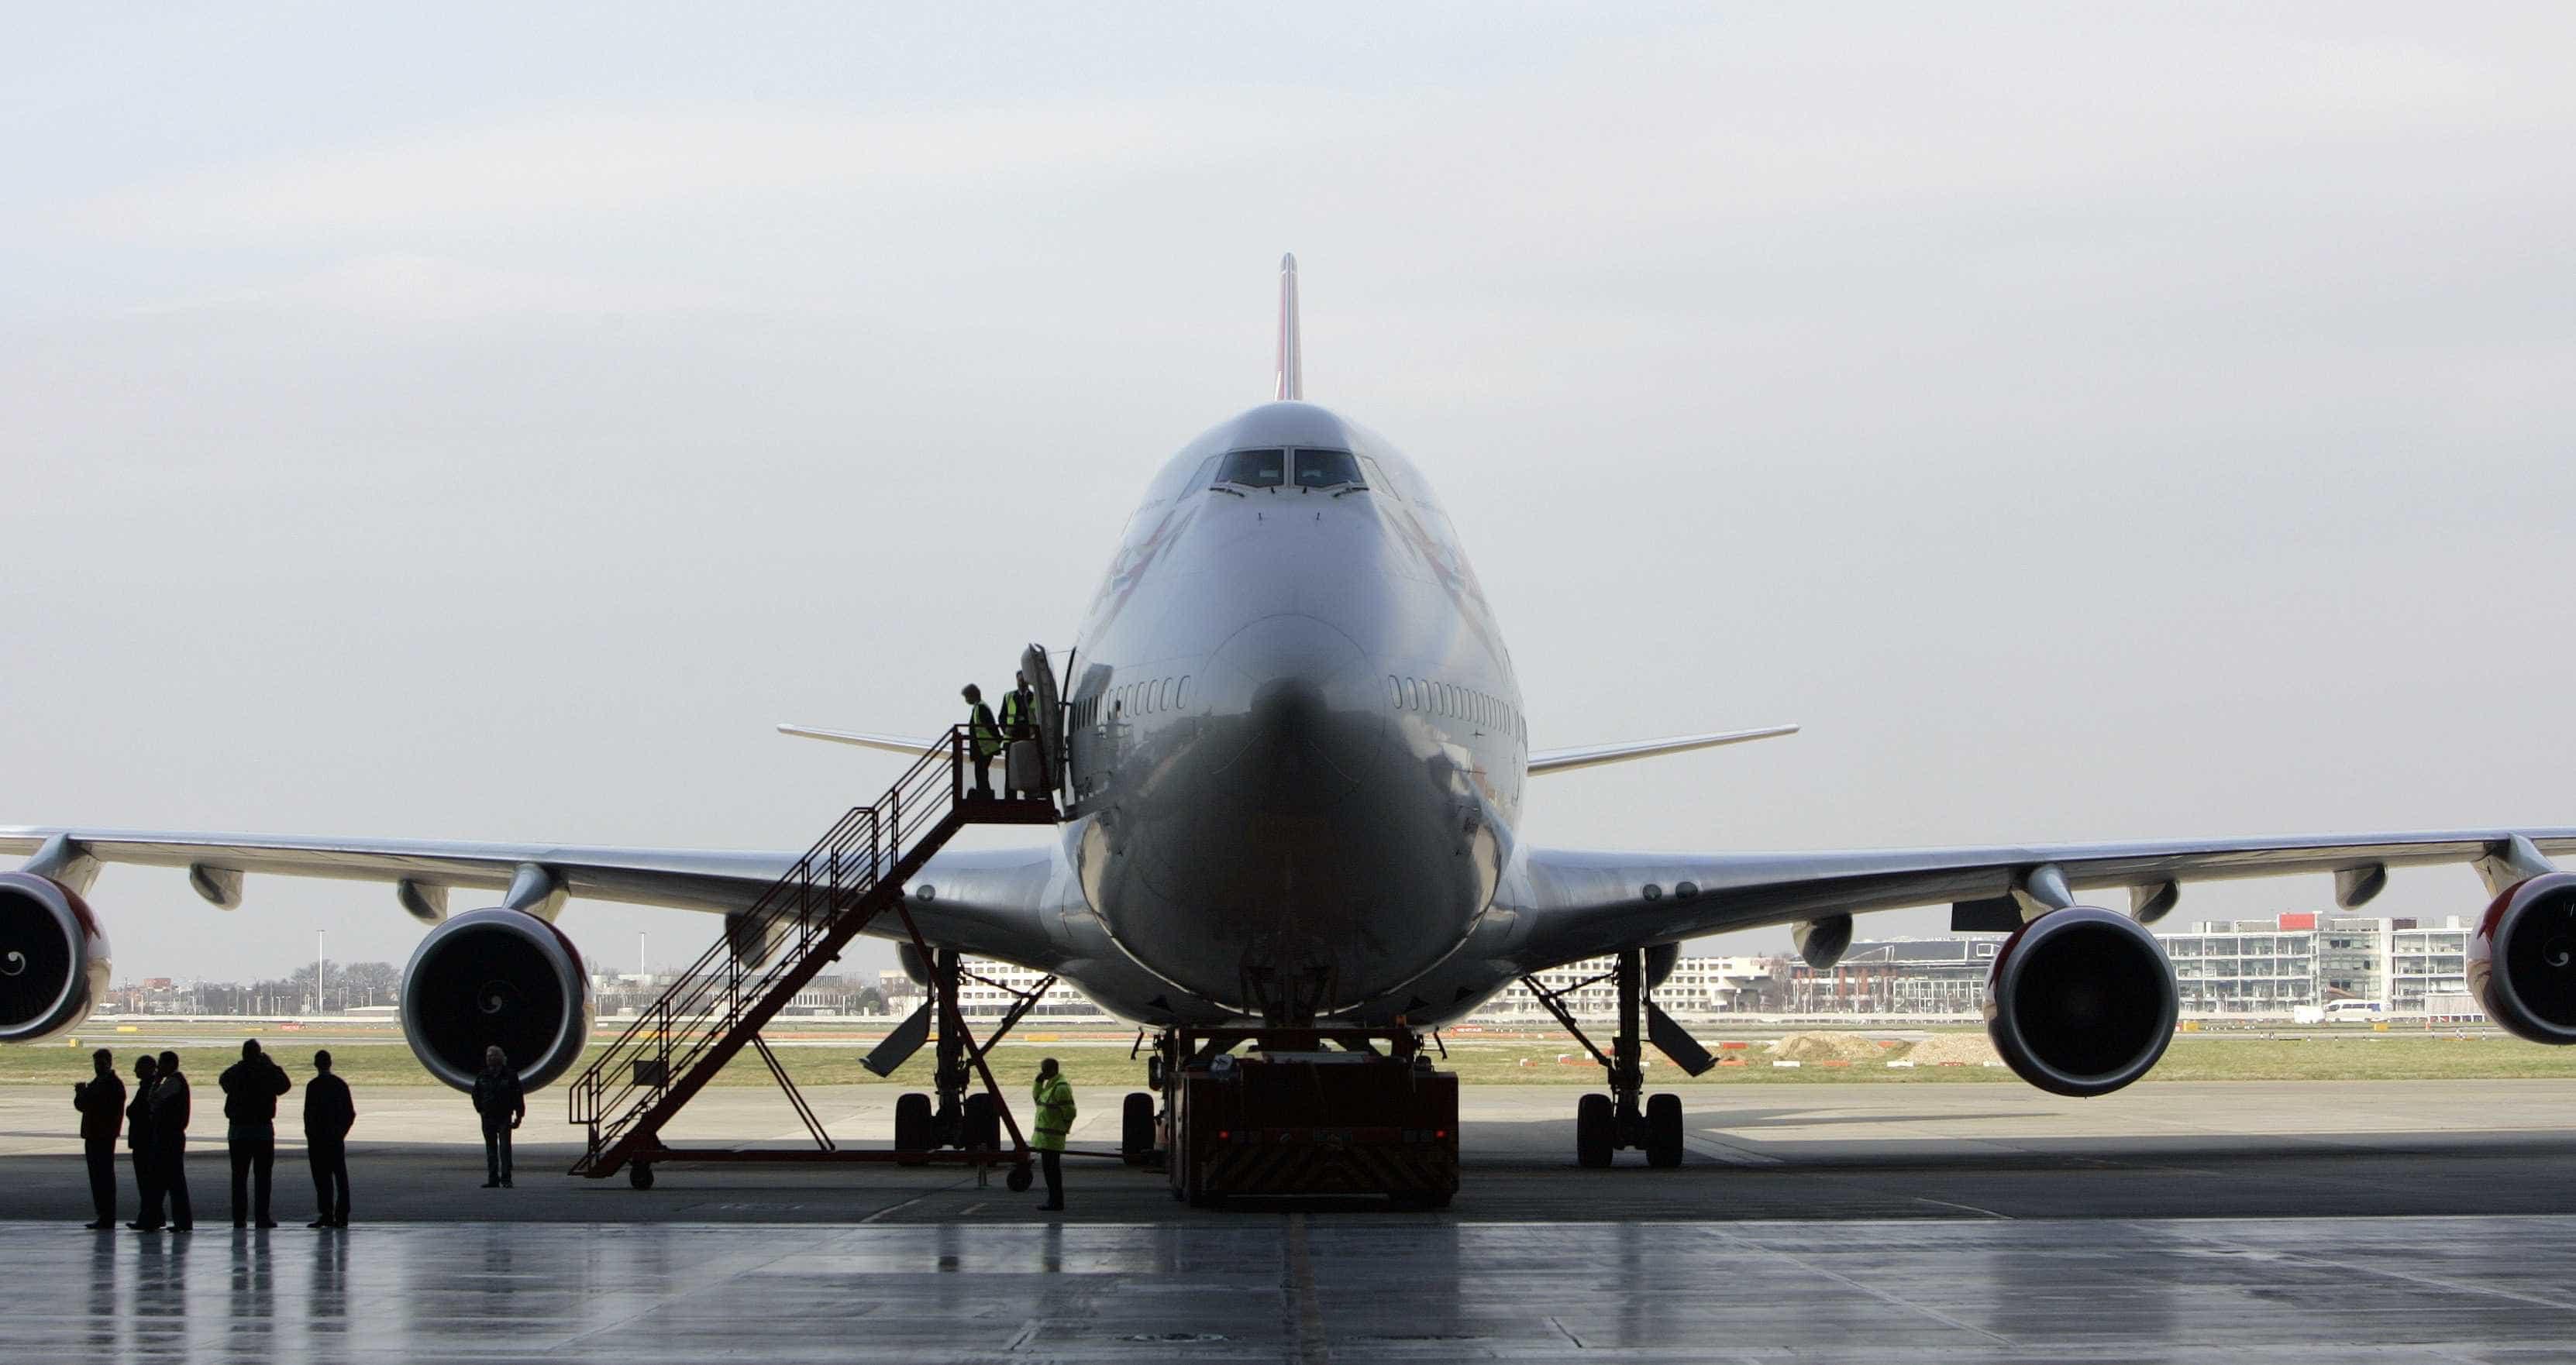 Ações da Boeing afundam 10% após 2.º acidente com avião em 5 meses